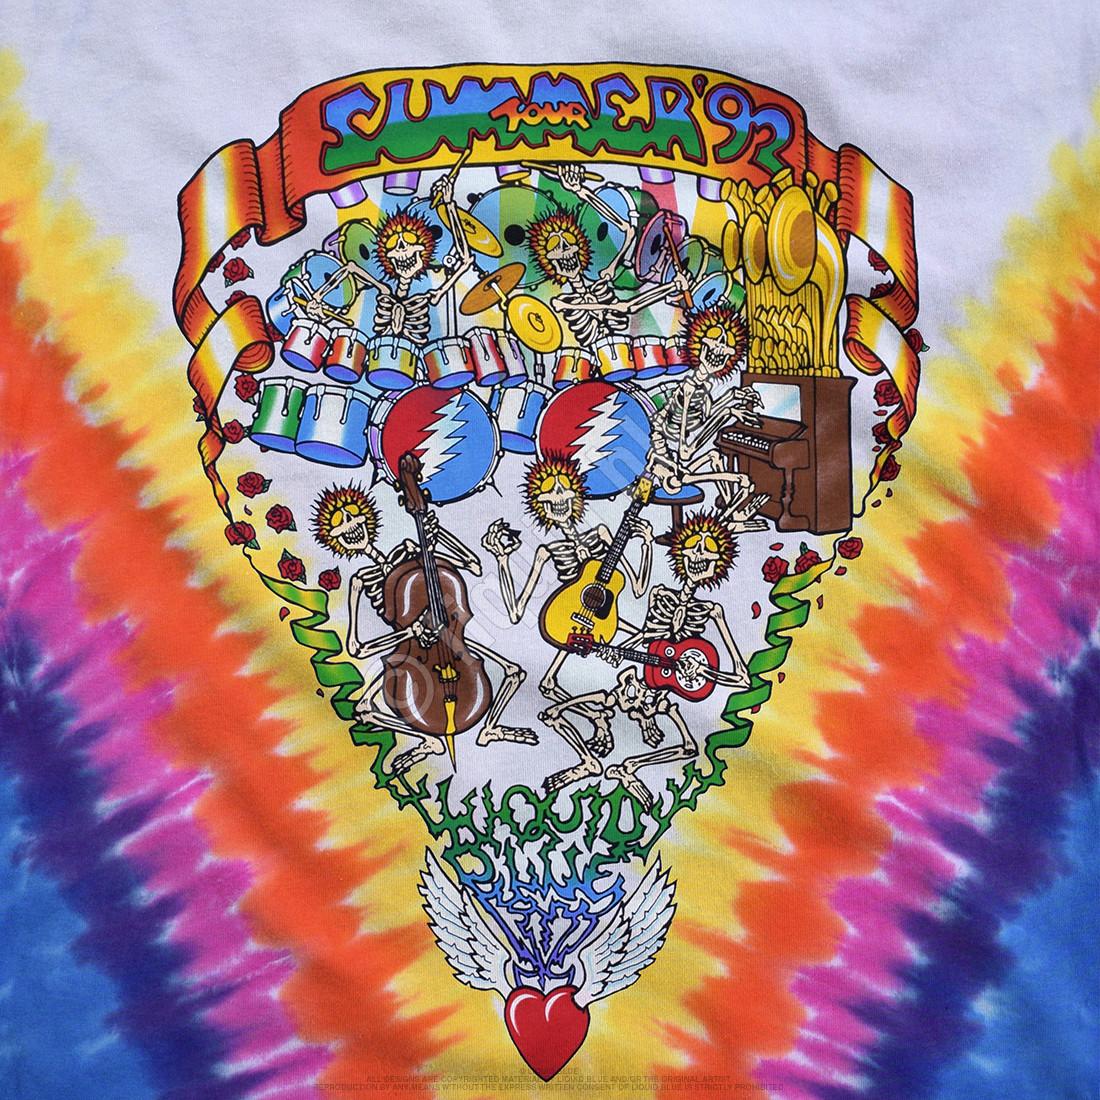 Summer Tour 92 Tie-Dye T-Shirt